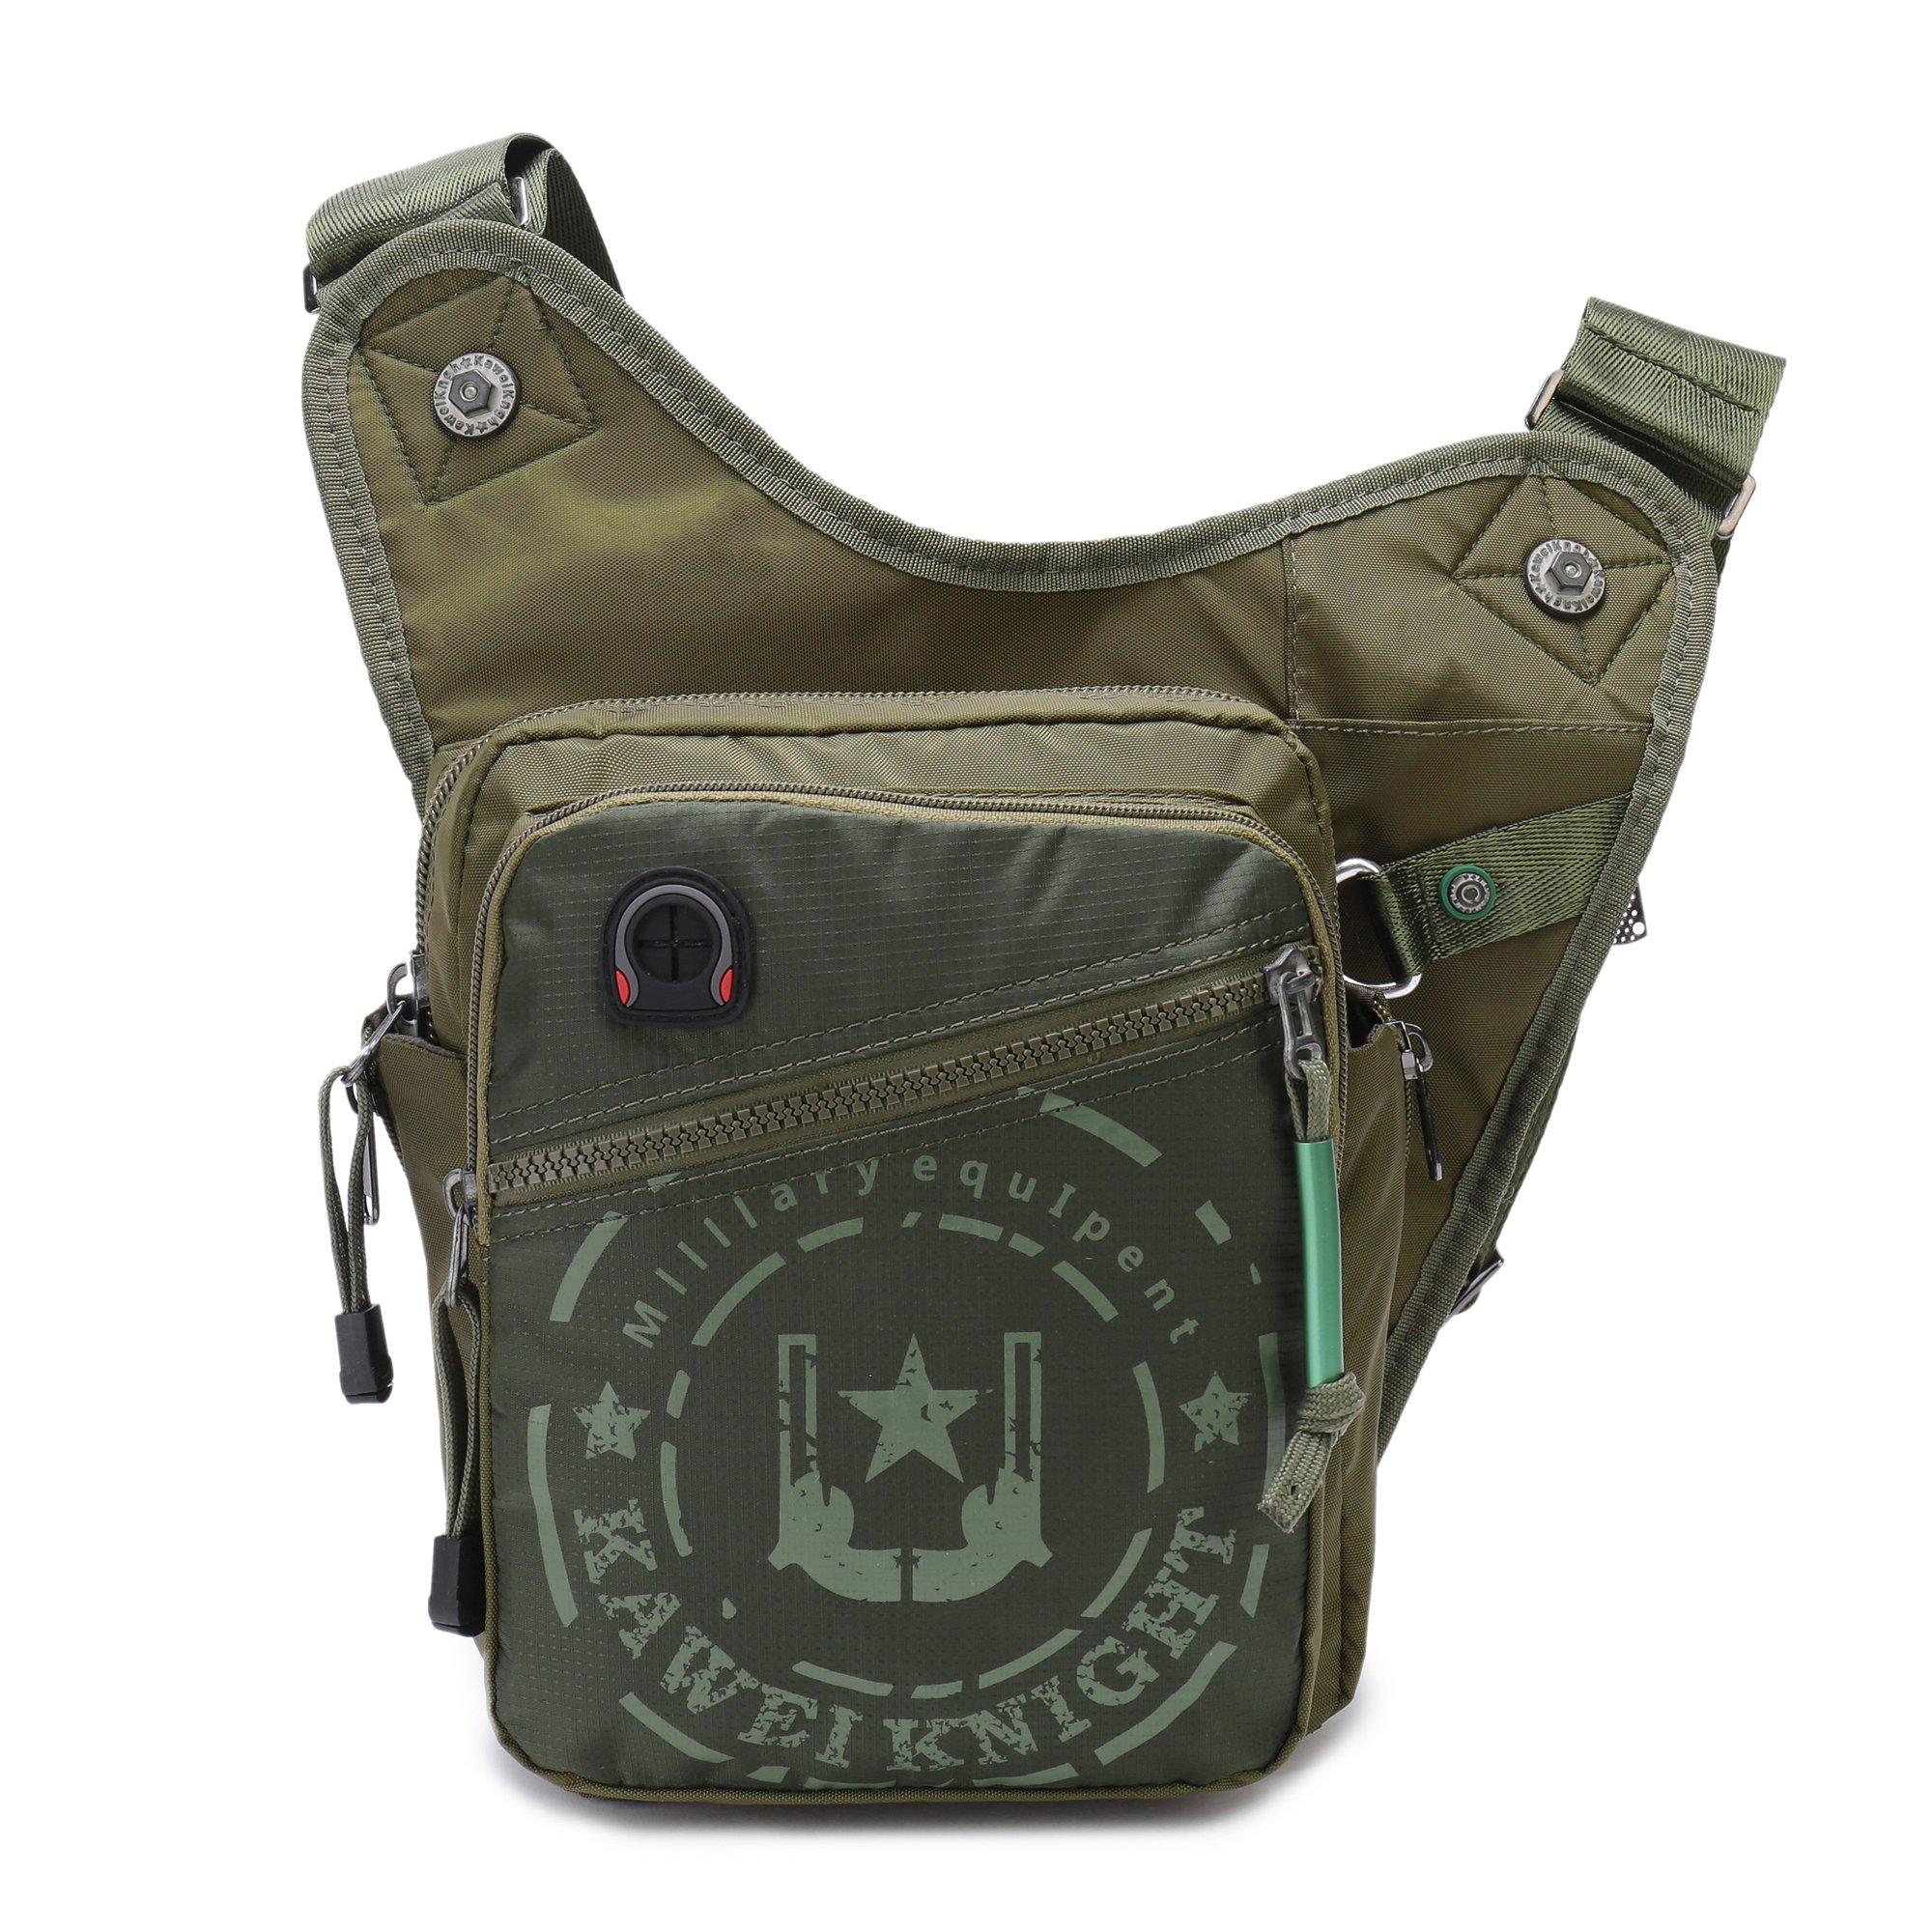 50e6e1f90fff Cheap Drop Leg Bag, find Drop Leg Bag deals on line at Alibaba.com